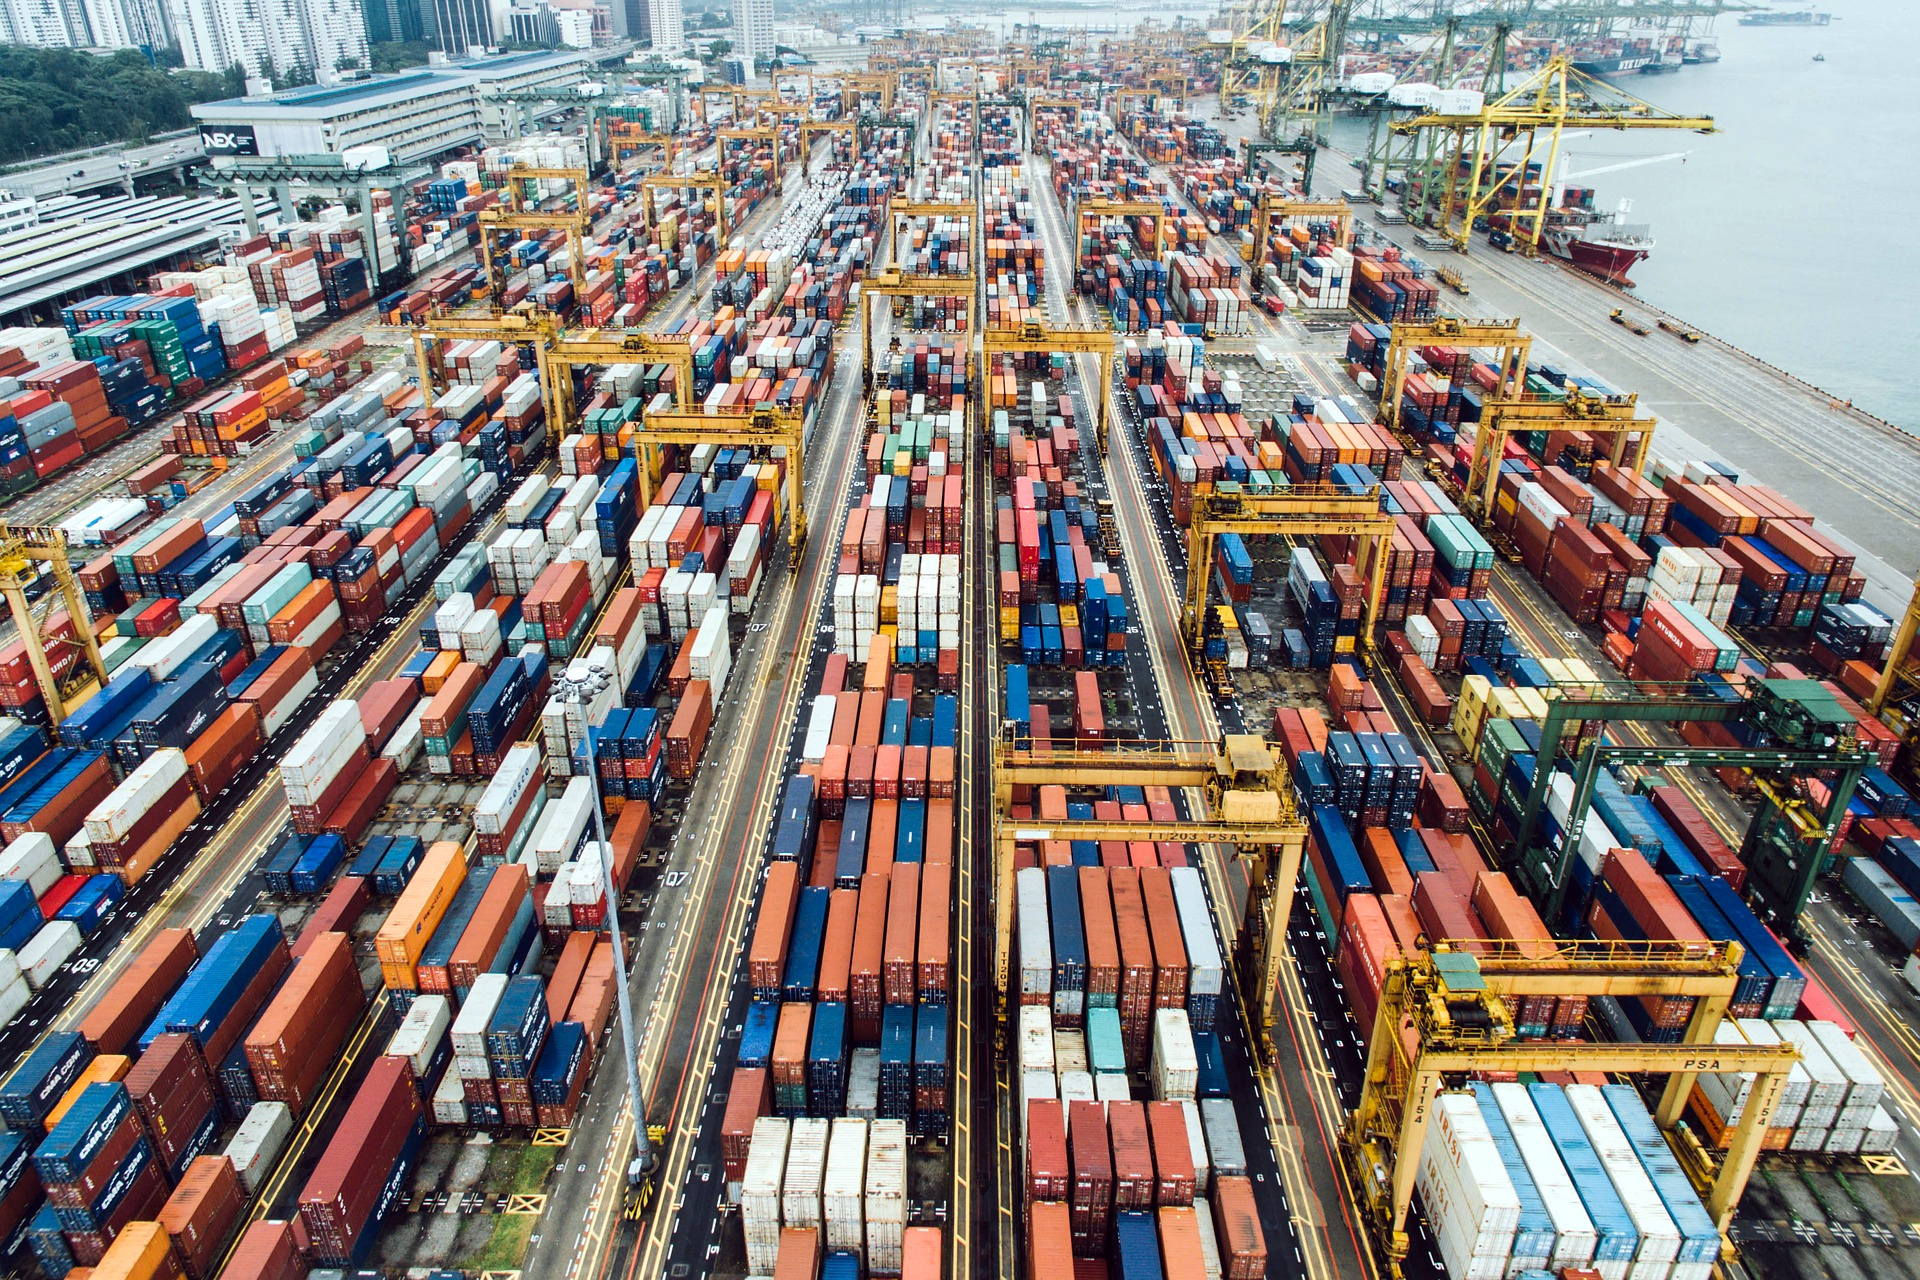 Kinija po dalinio karantino vėl atidarė trečią judriausią pasaulyje uostą